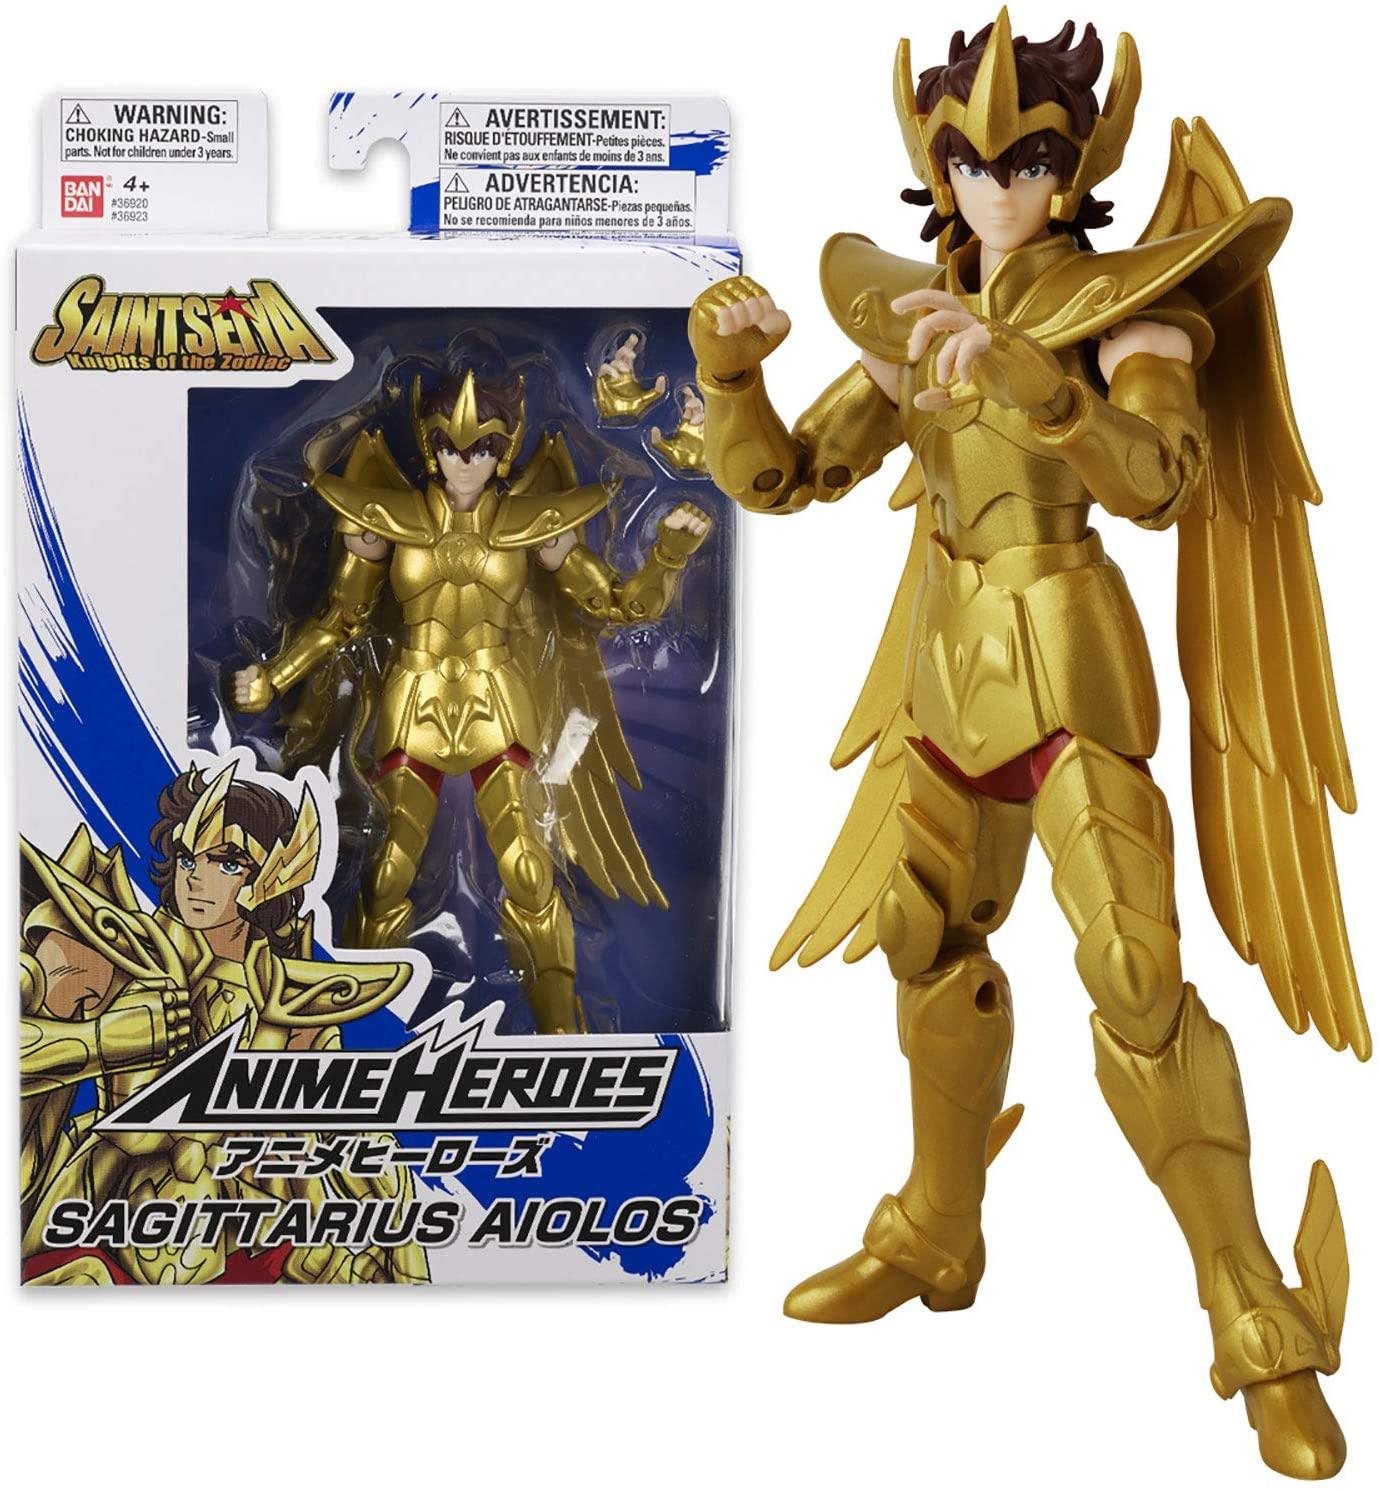 Boneco Cavaleiros do Zodiaco Anime Heroes - Sagitario Aiolos - Bandai